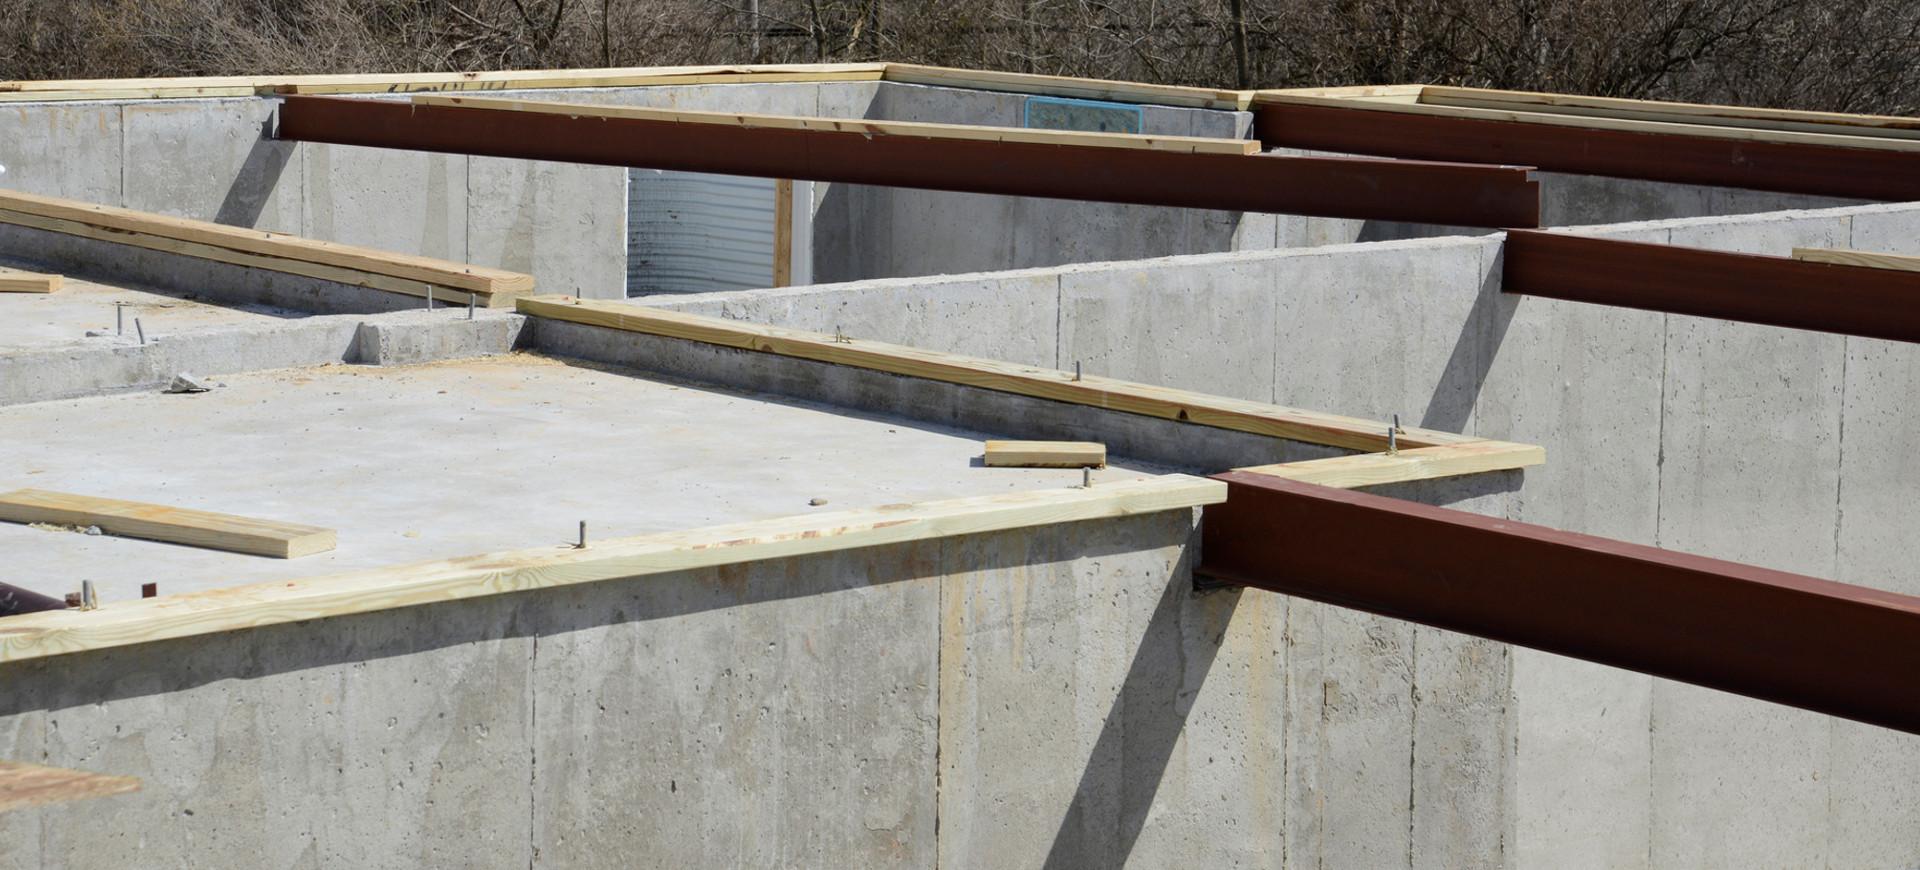 Consolidamenti strutturali e geologia Cerbone Costruzioni Trieste